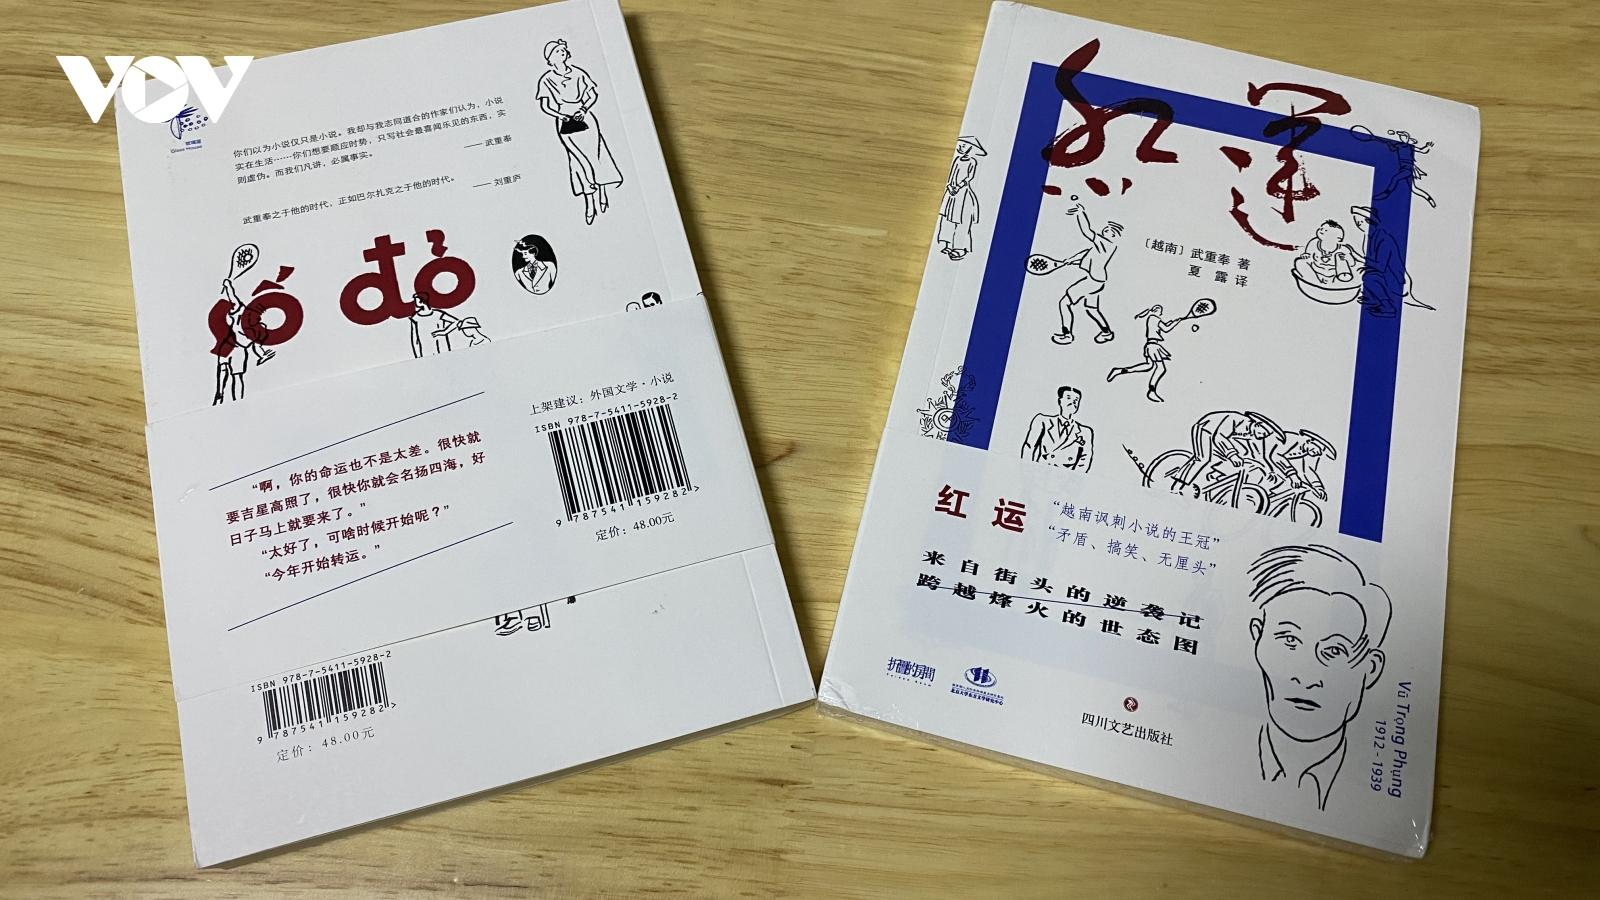 """""""Số đỏ"""" – tác phẩm mở đầu dự án giới thiệu văn học Đông Nam Á tại Trung Quốc"""